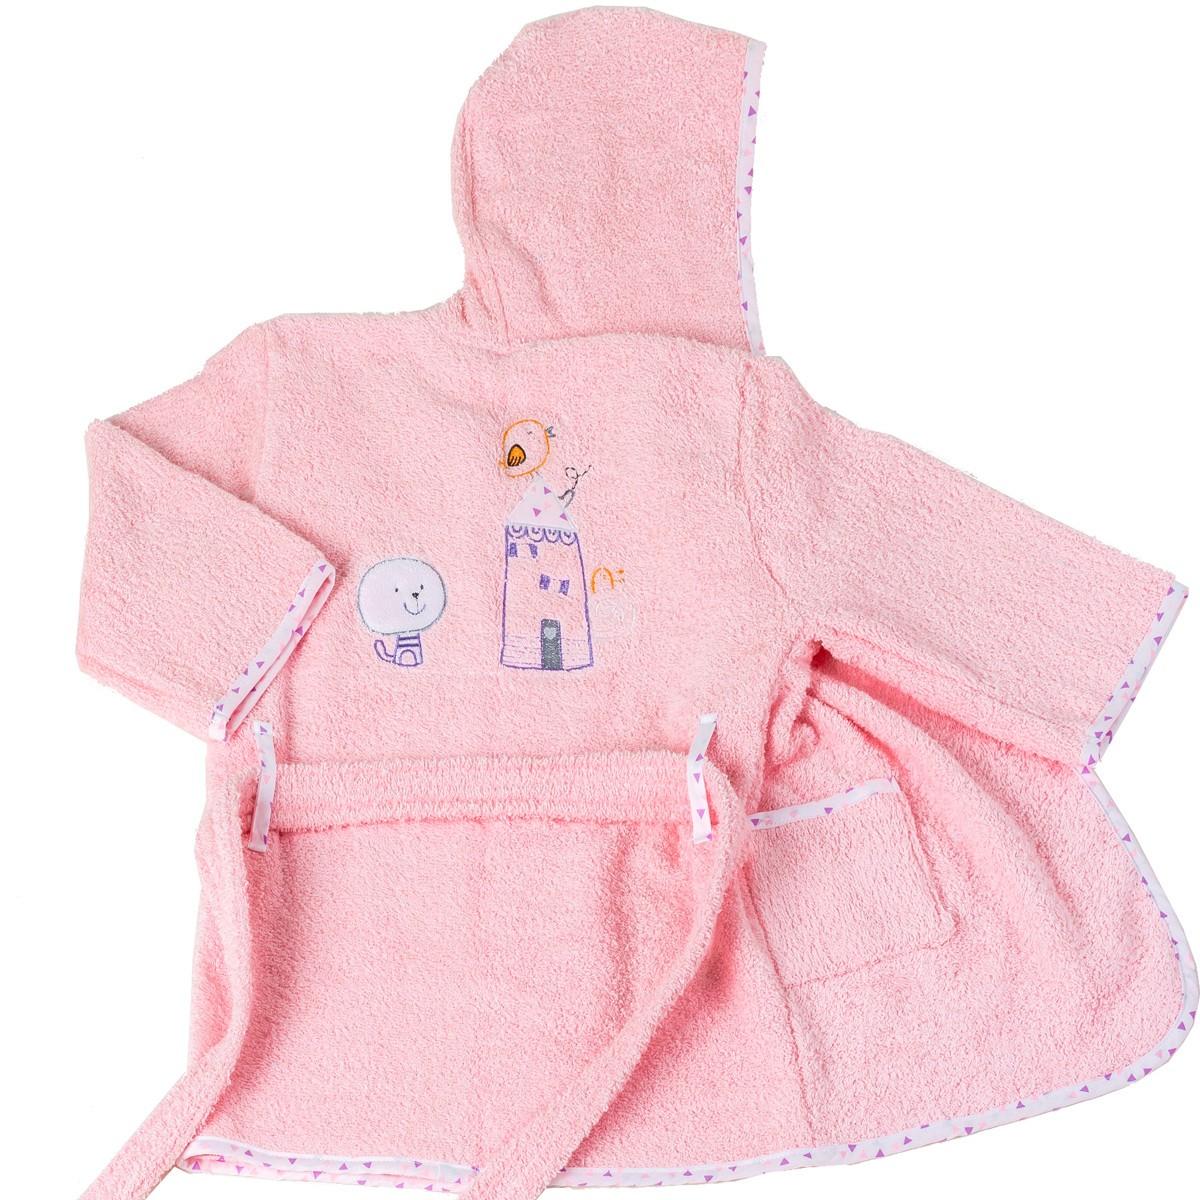 Βρεφικό Μπουρνούζι Κόσμος Του Μωρού Home 4100 Ροζ Νο2 Νο2